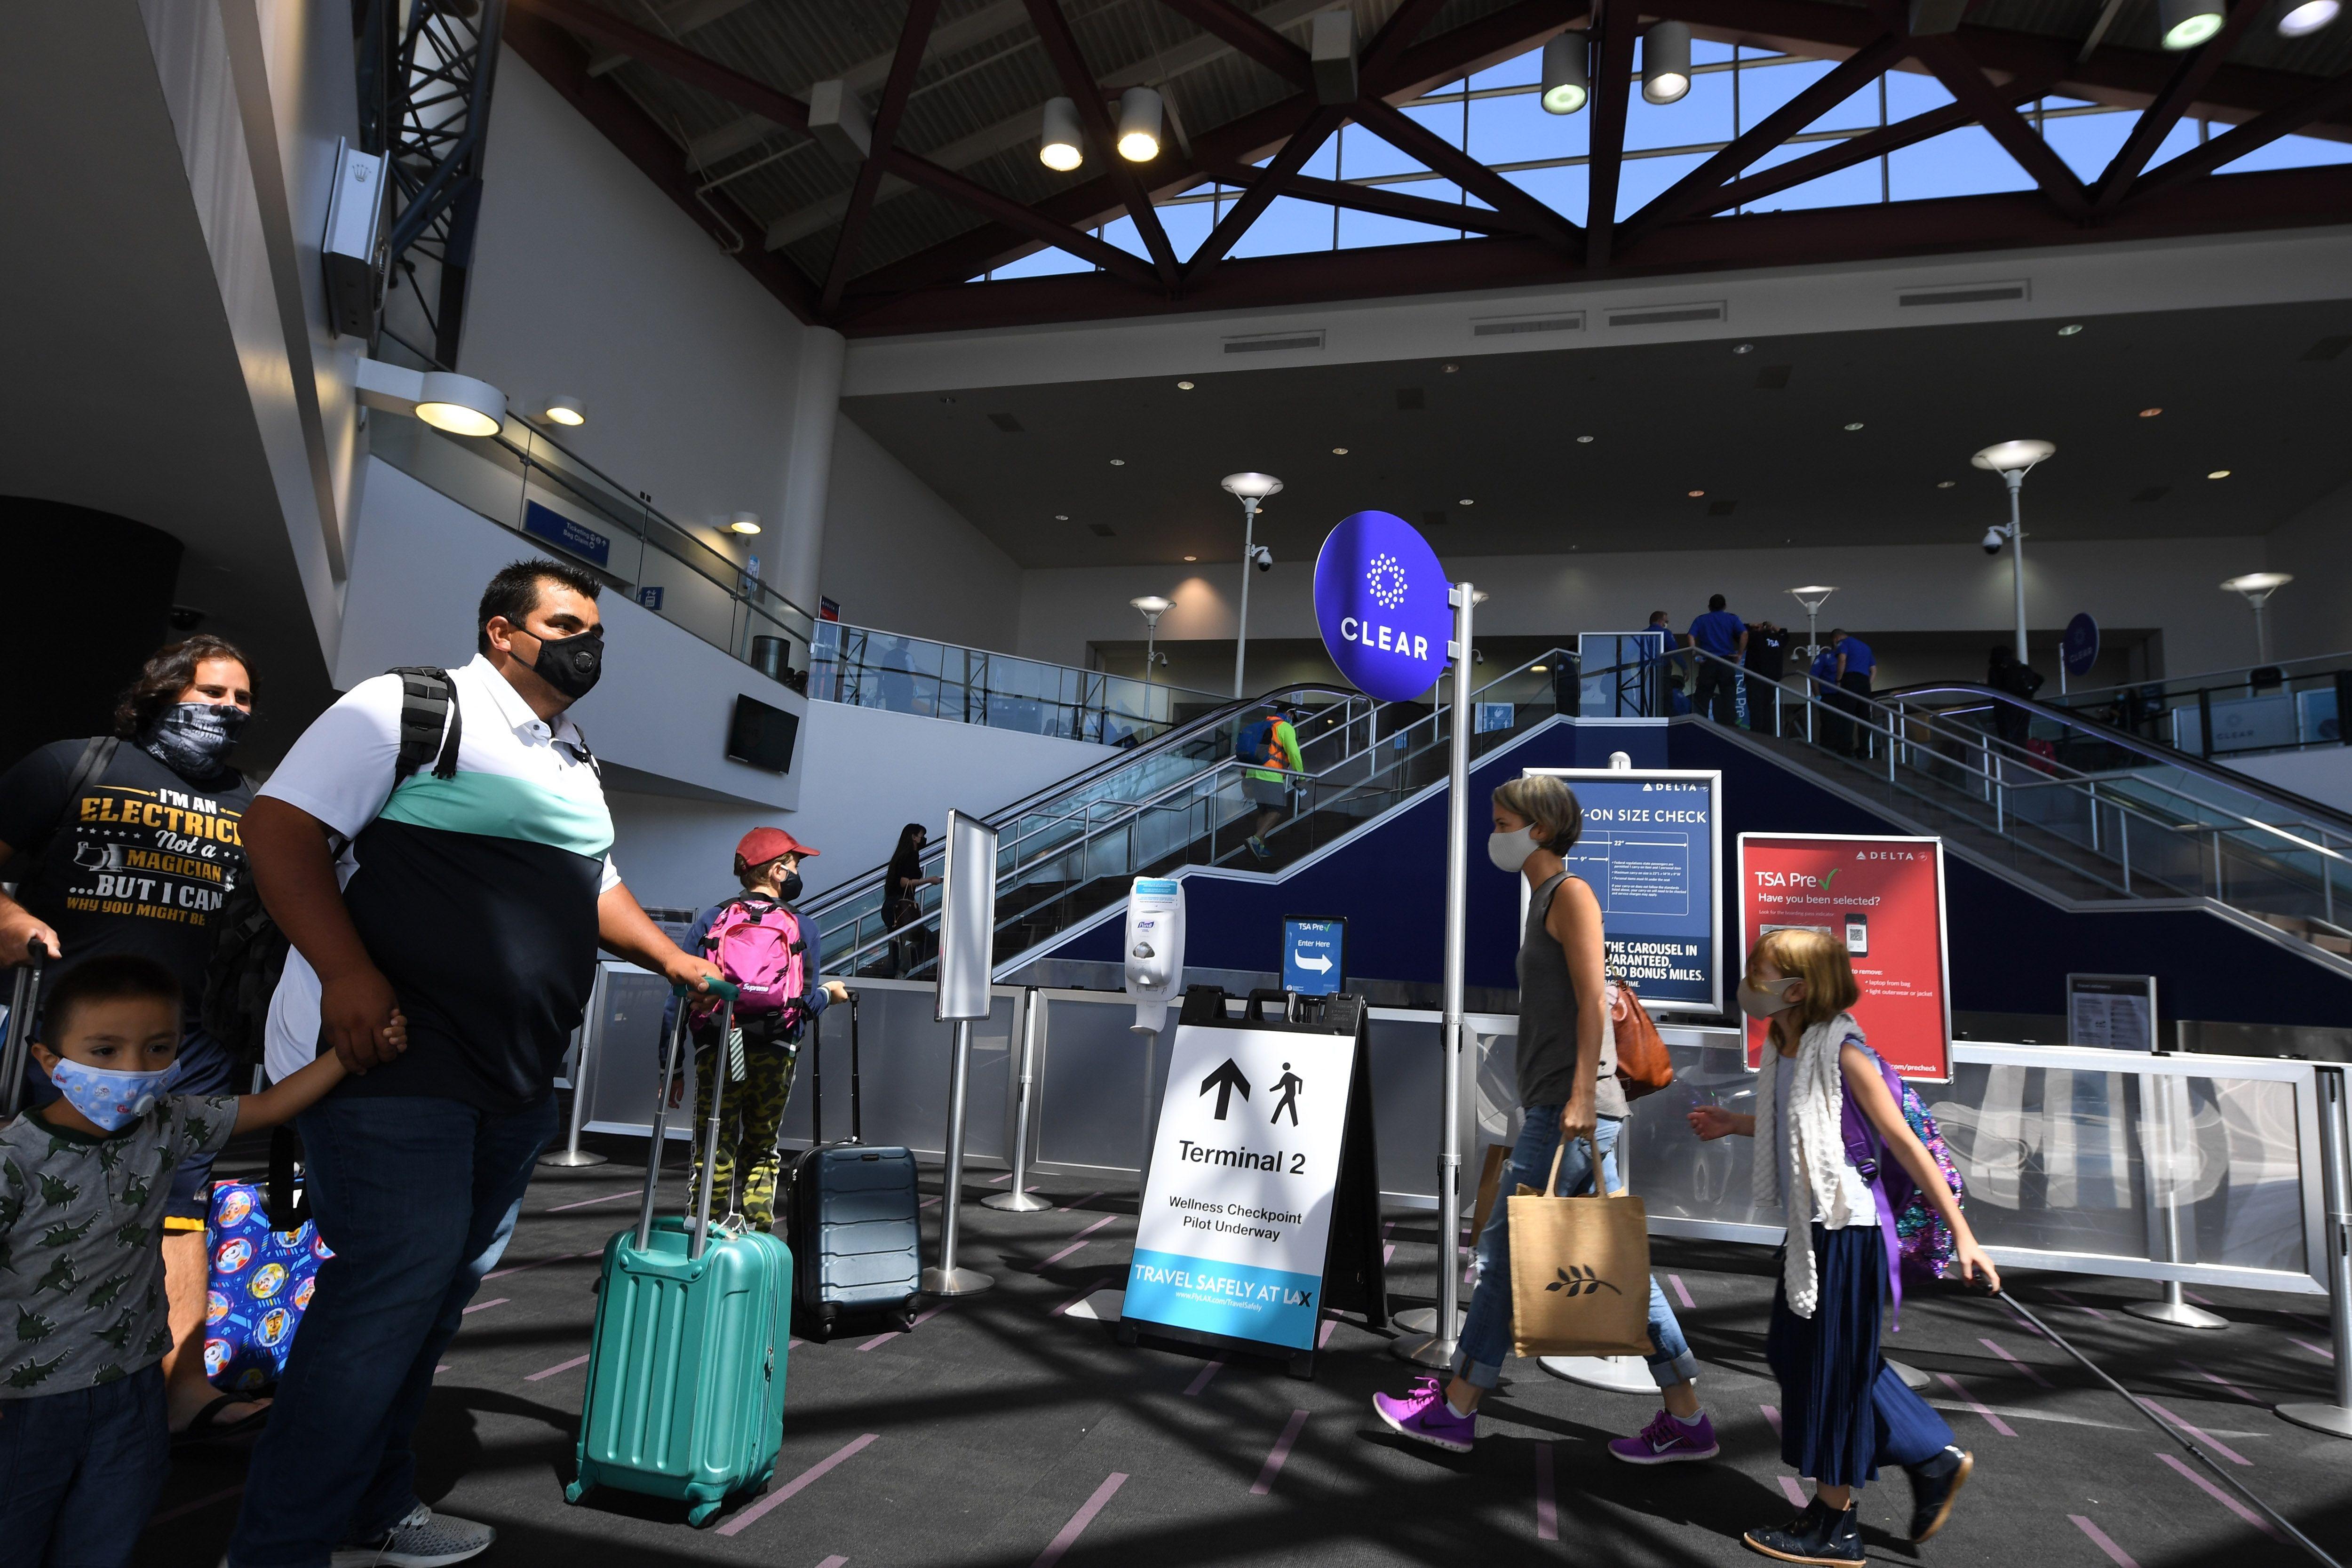 People walking through an airport terminal